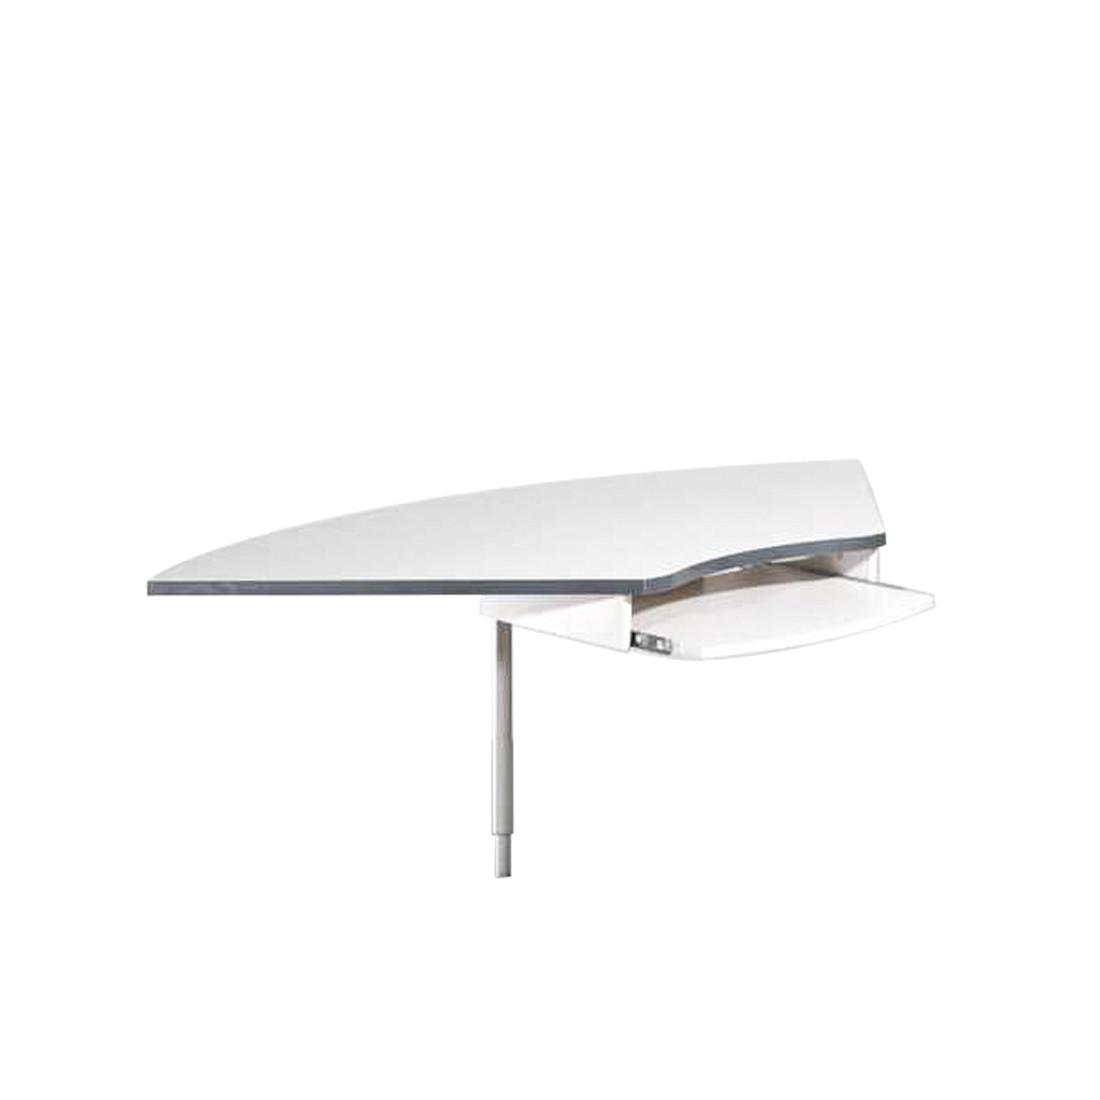 Eckverbindung Avero - Höhenverstellbar, mit Tastaturauszug - lichtgrau, home24 office